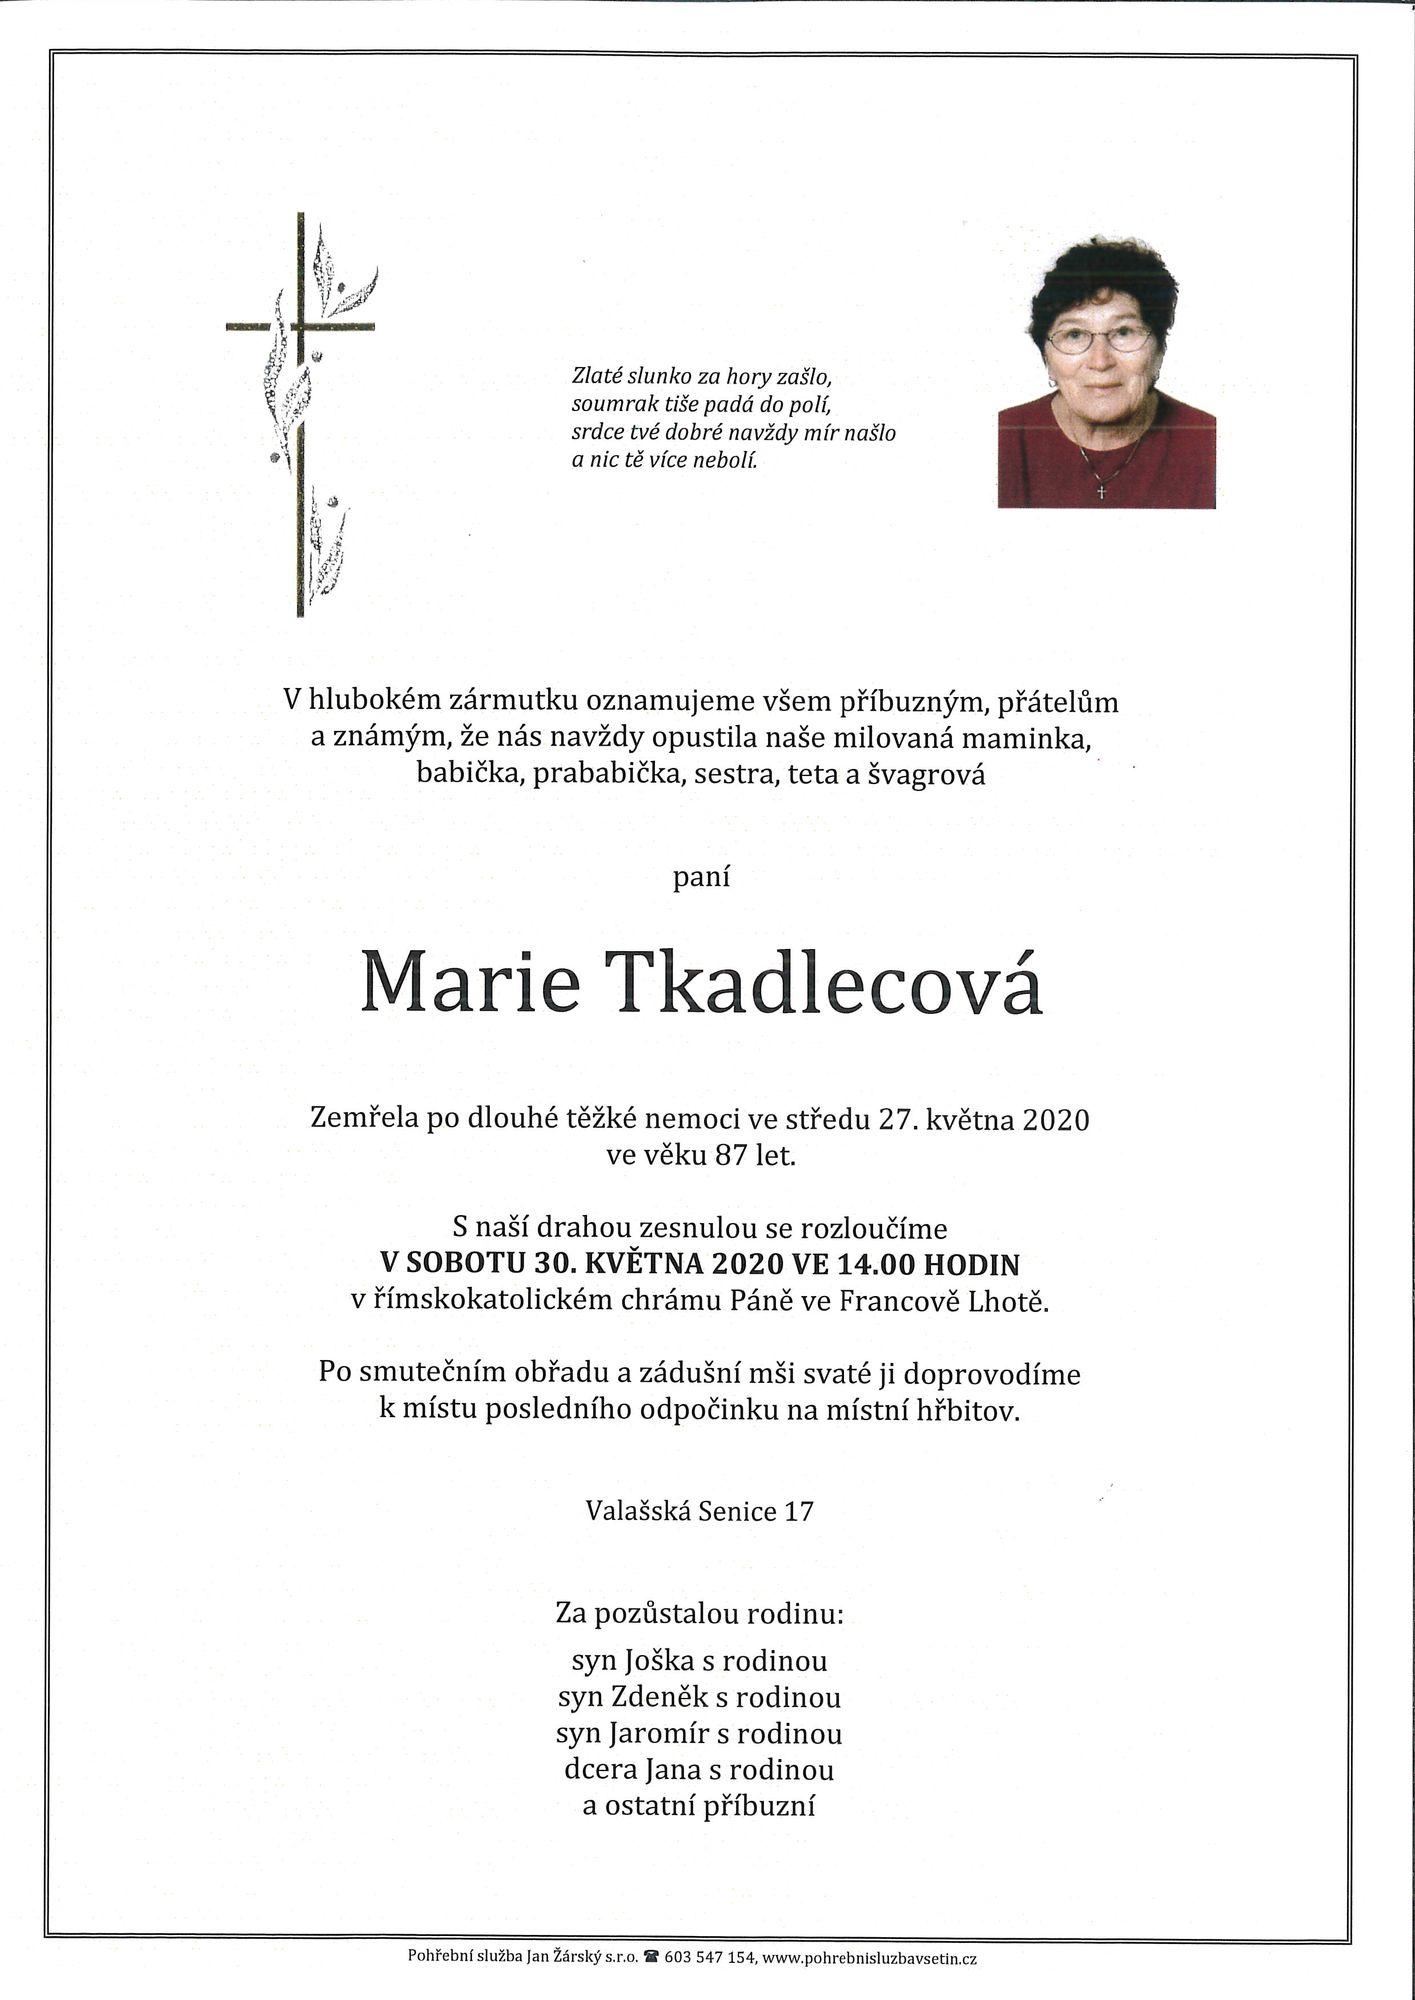 Marie Tkadlecová